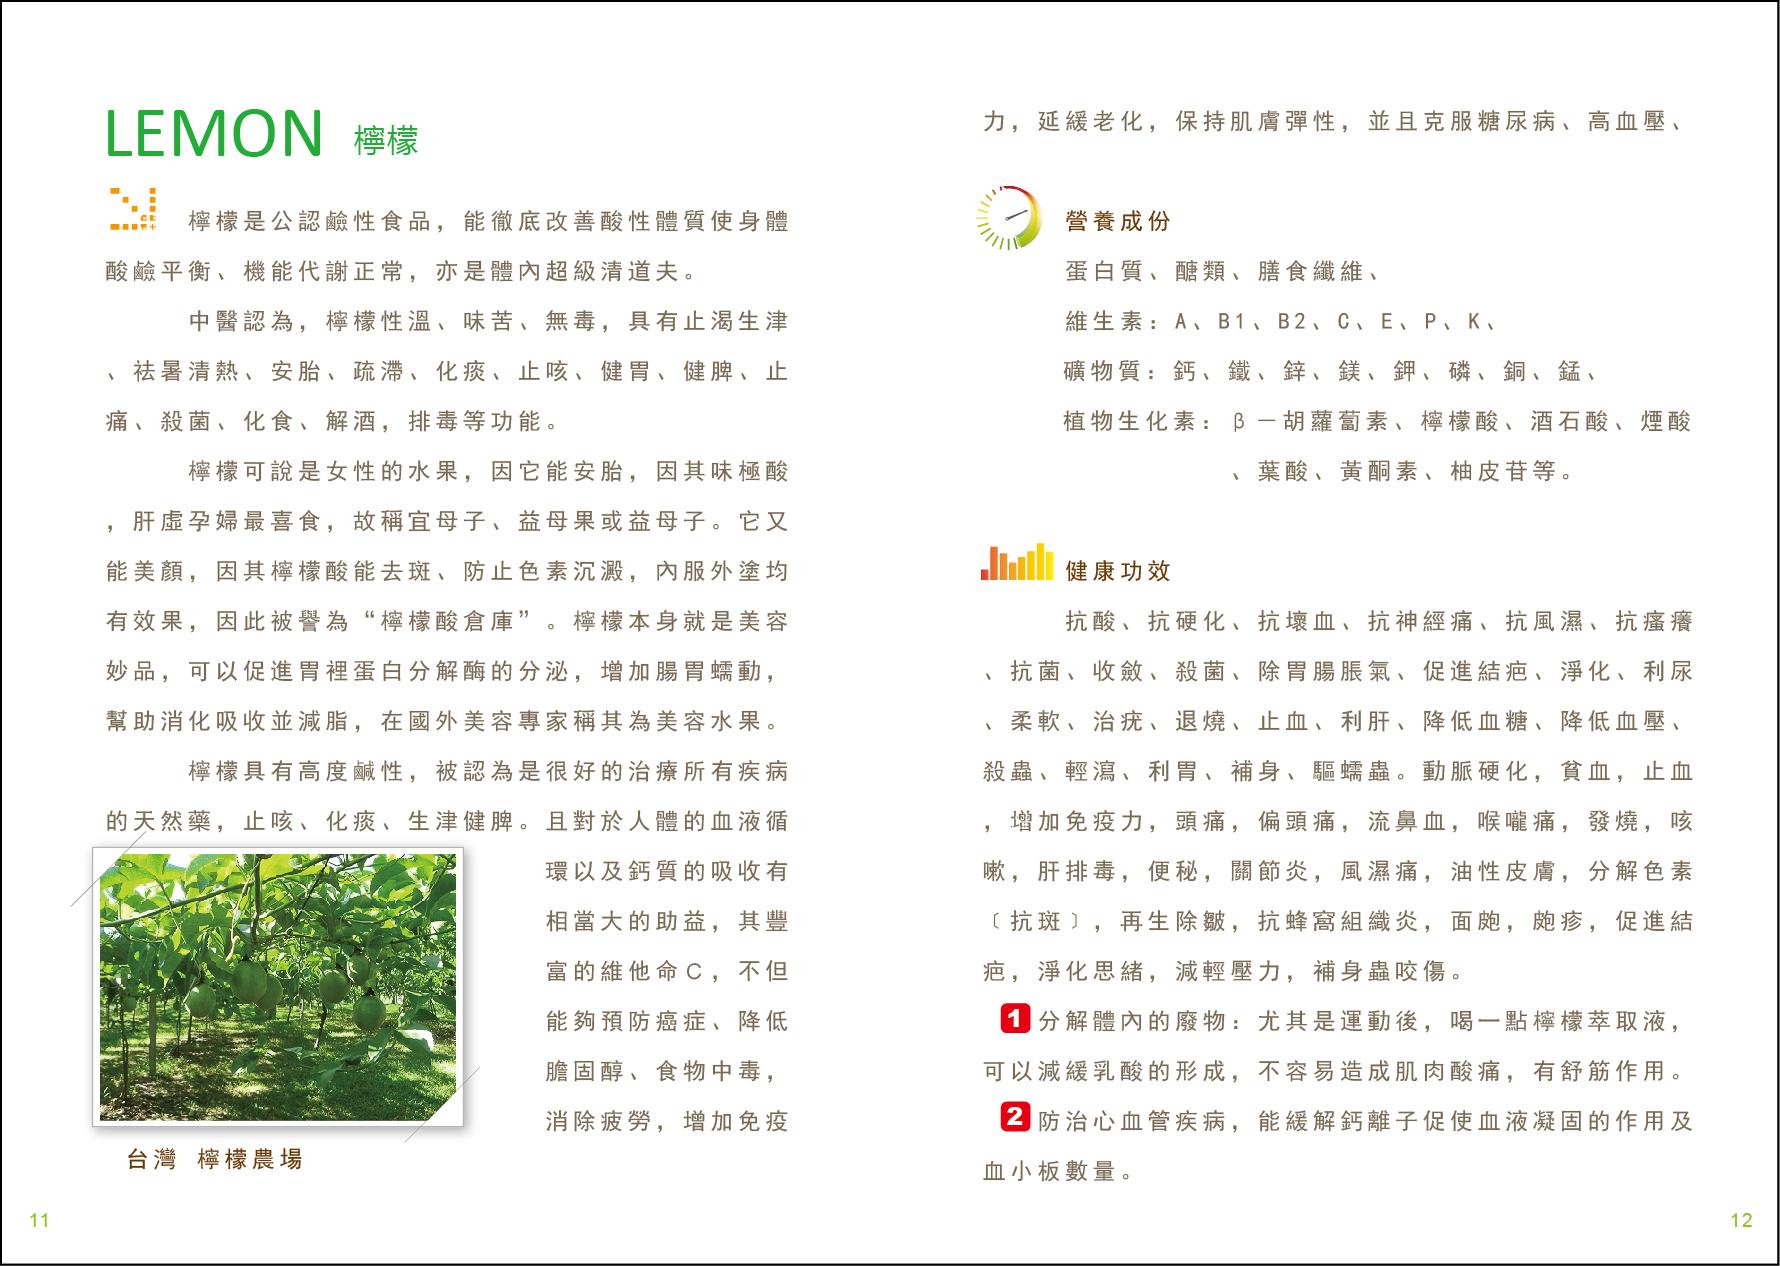 素人清歡_加盟手冊_1112檸檬A_v160223a